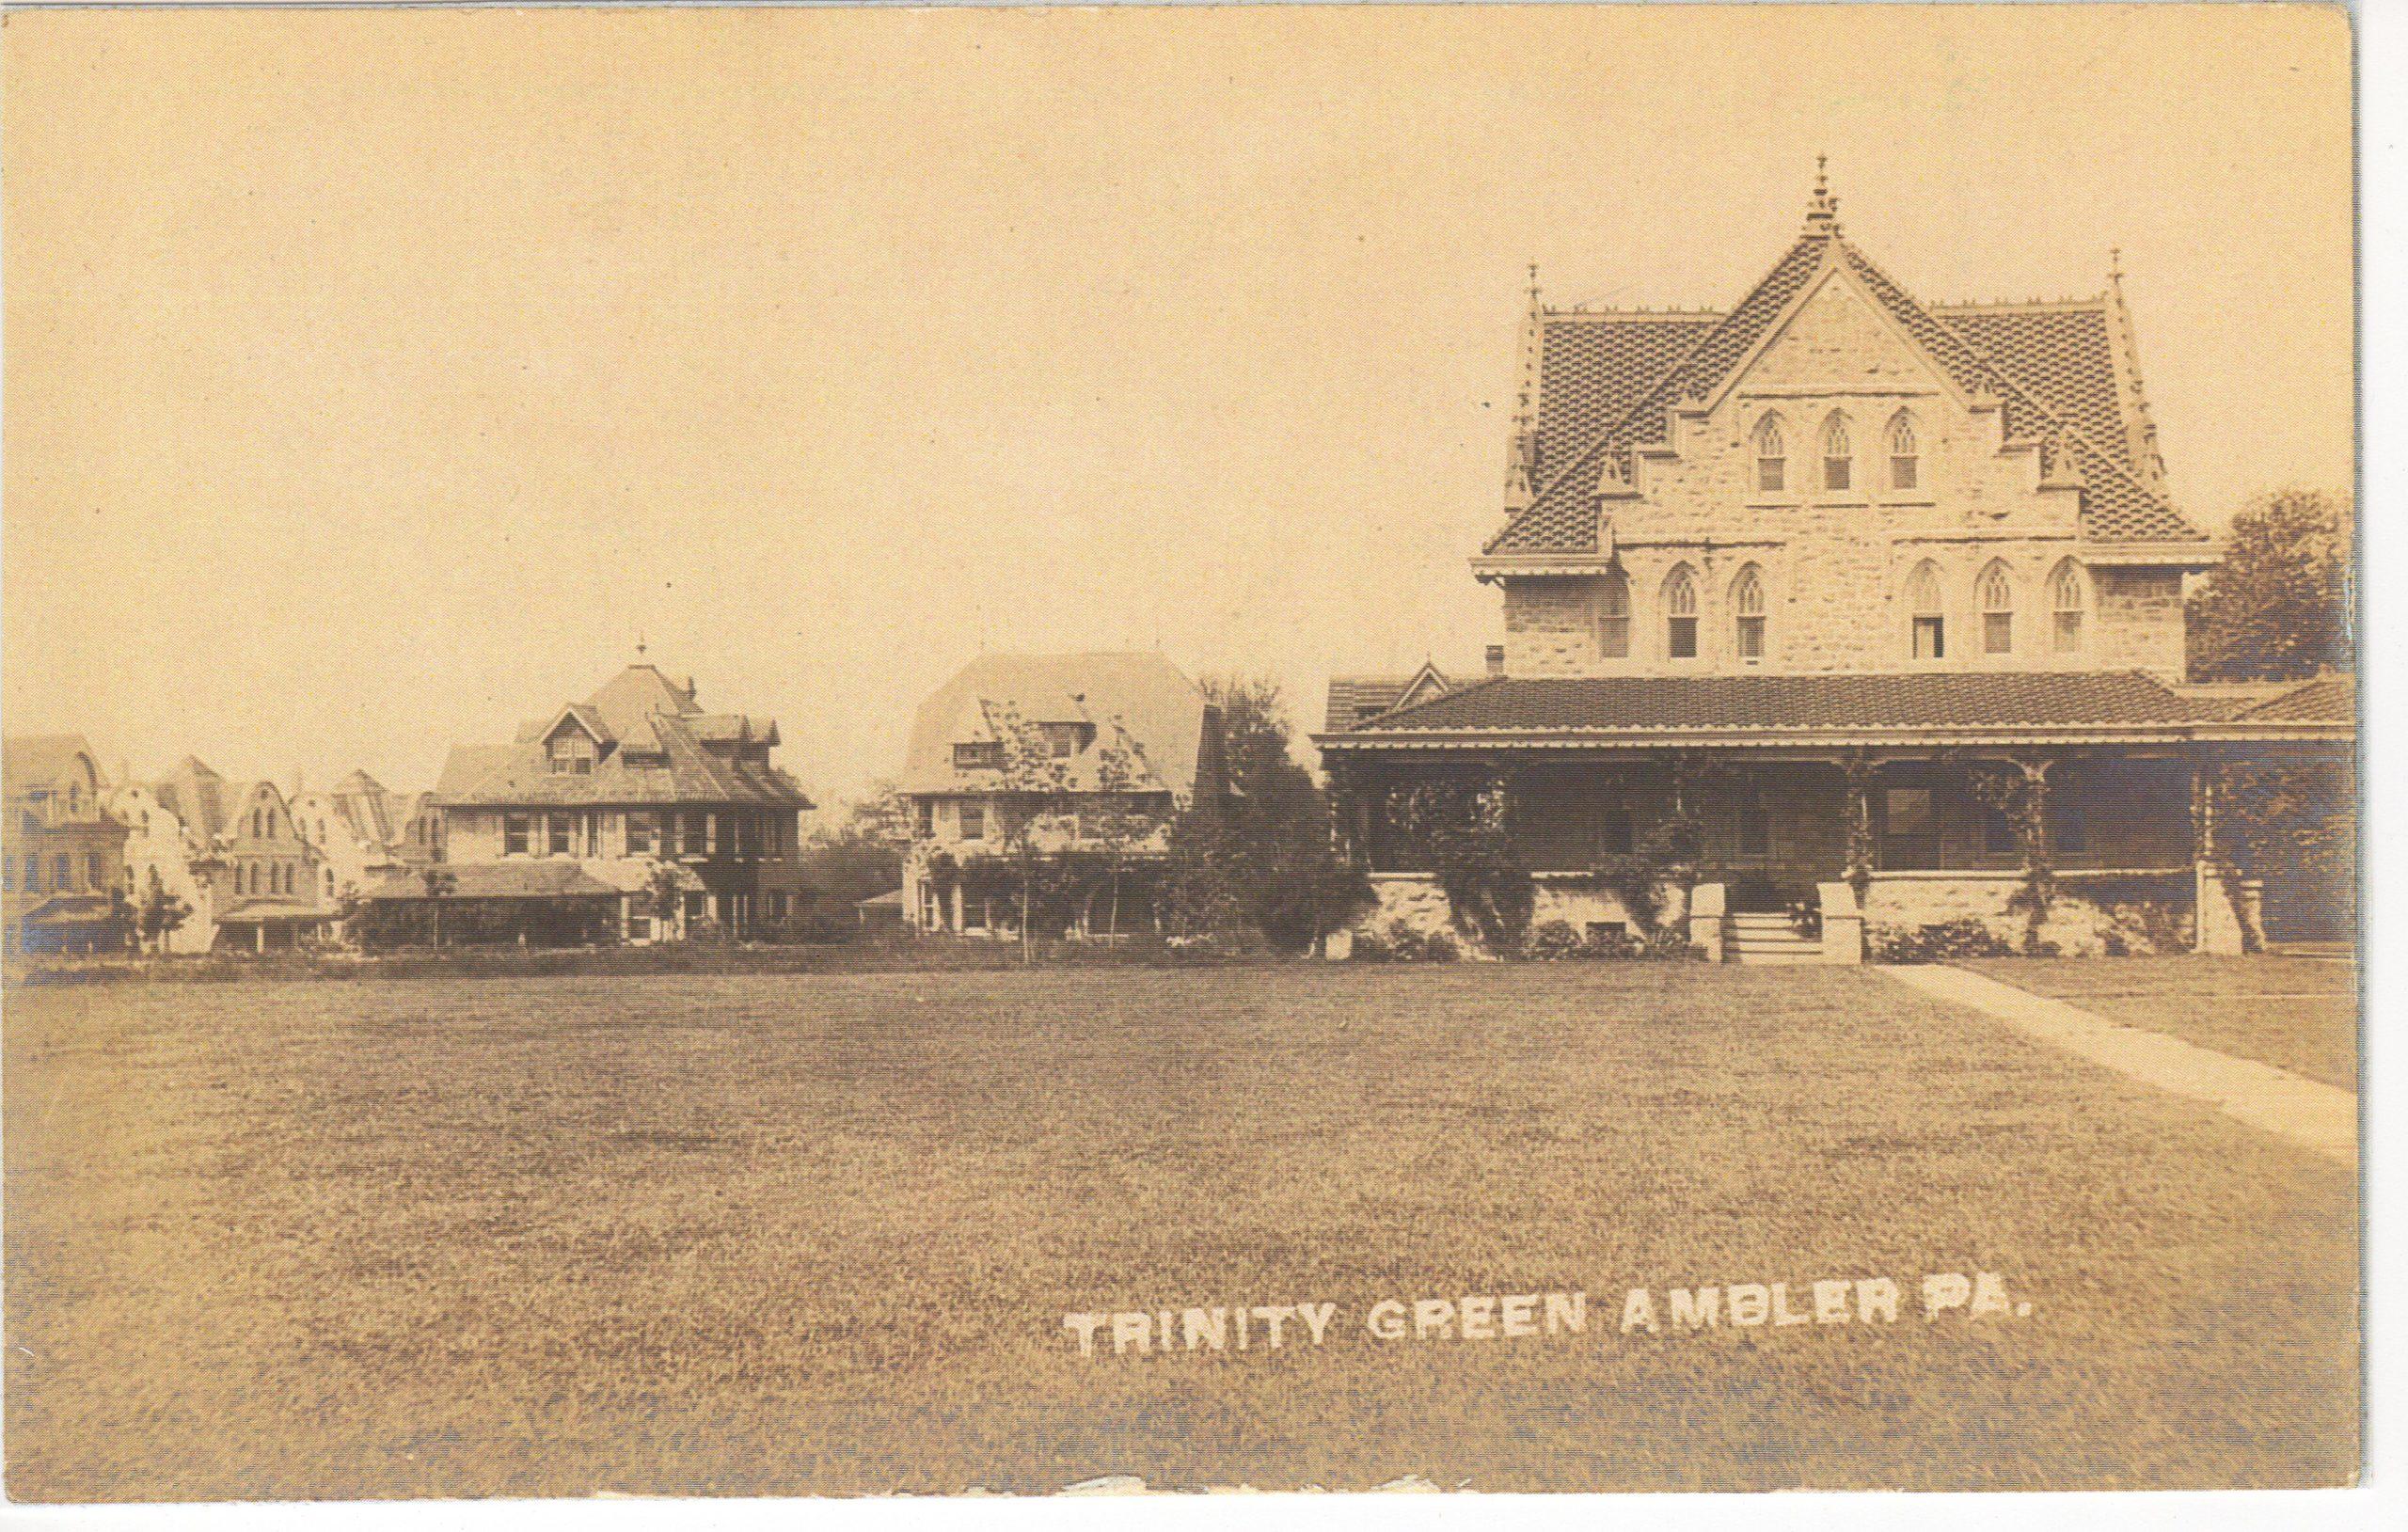 4125.24 Ambler Pa Postcard_Trinity Green